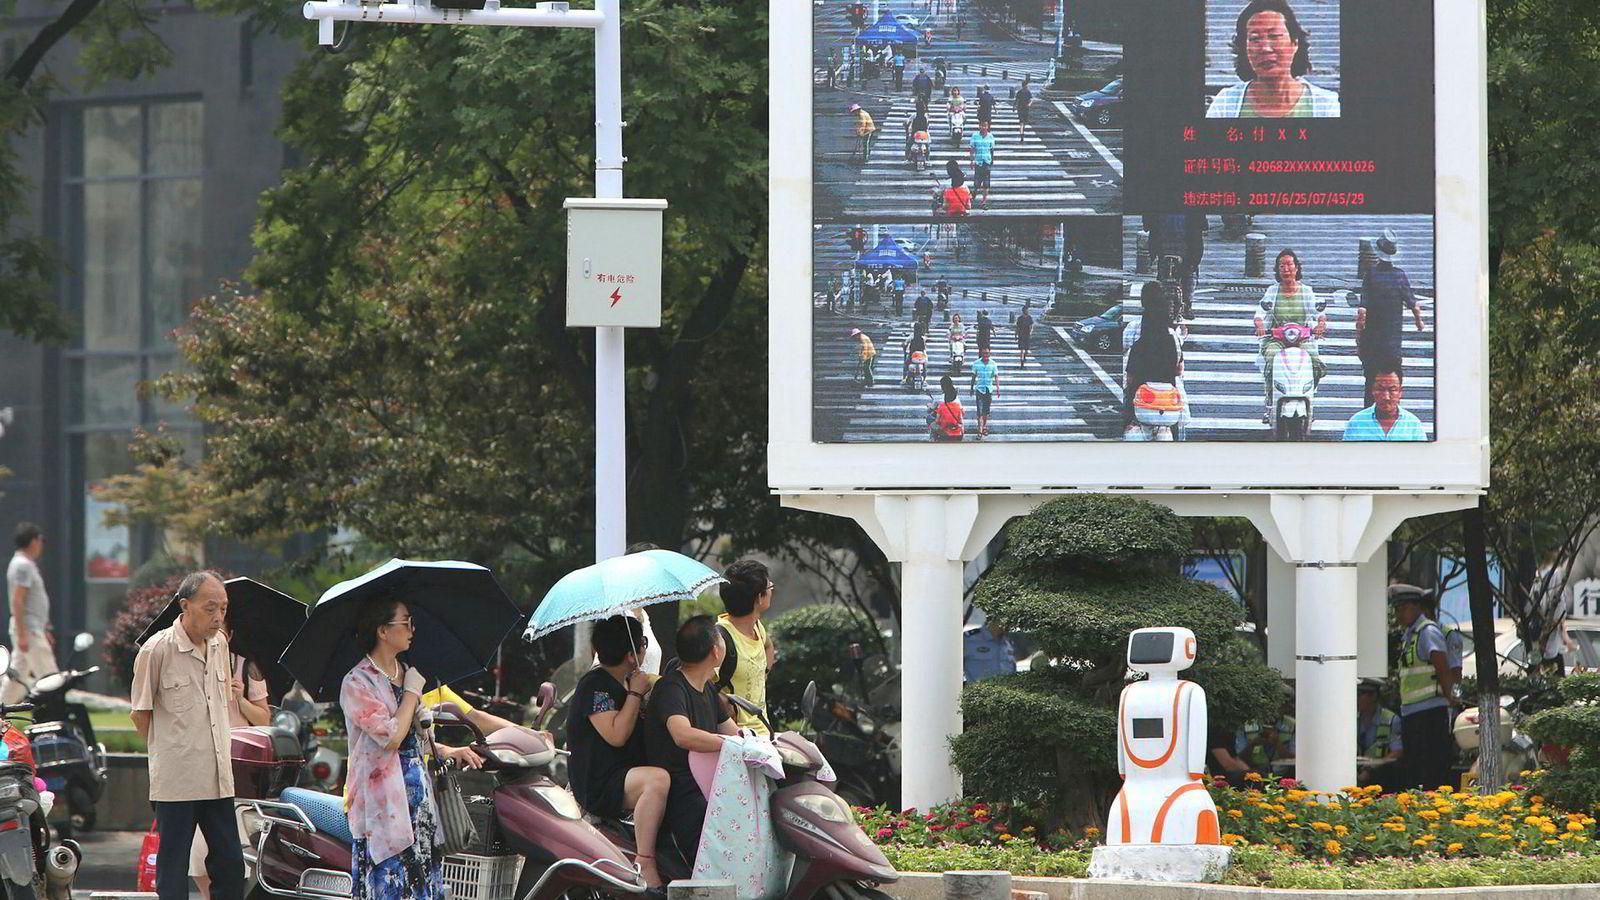 Kina har rullet ut et av verdens mest avanserte kameraovervåkningssystem med innebygd ansiktsgjenkjenning.